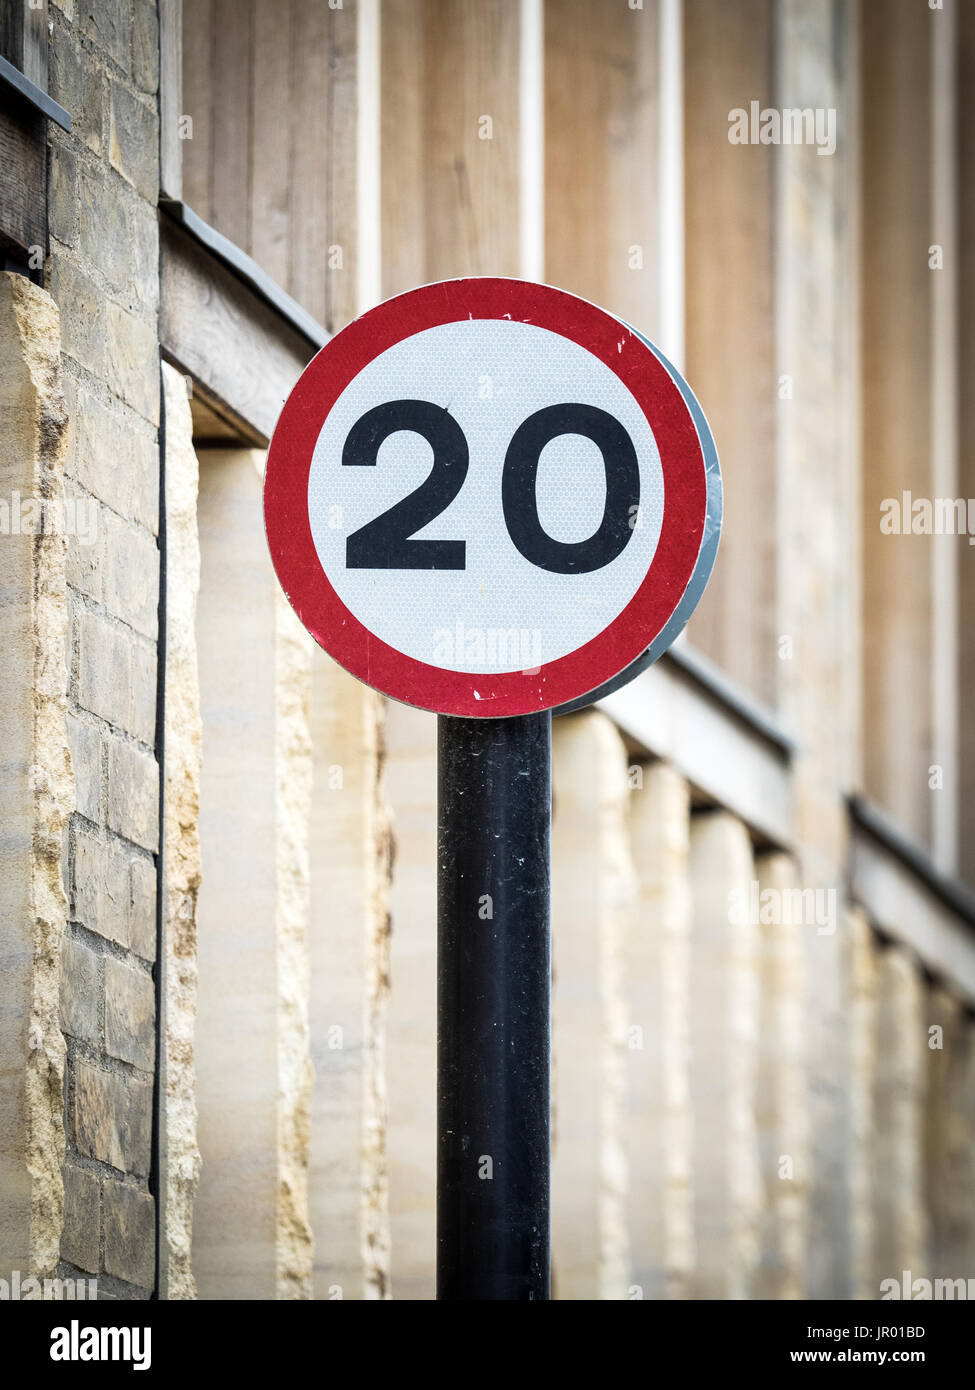 Limite de vitesse 20MPH mph 20 signes - zones de limitation de vitesse sont plus communs dans les villes britanniques maintenant Photo Stock